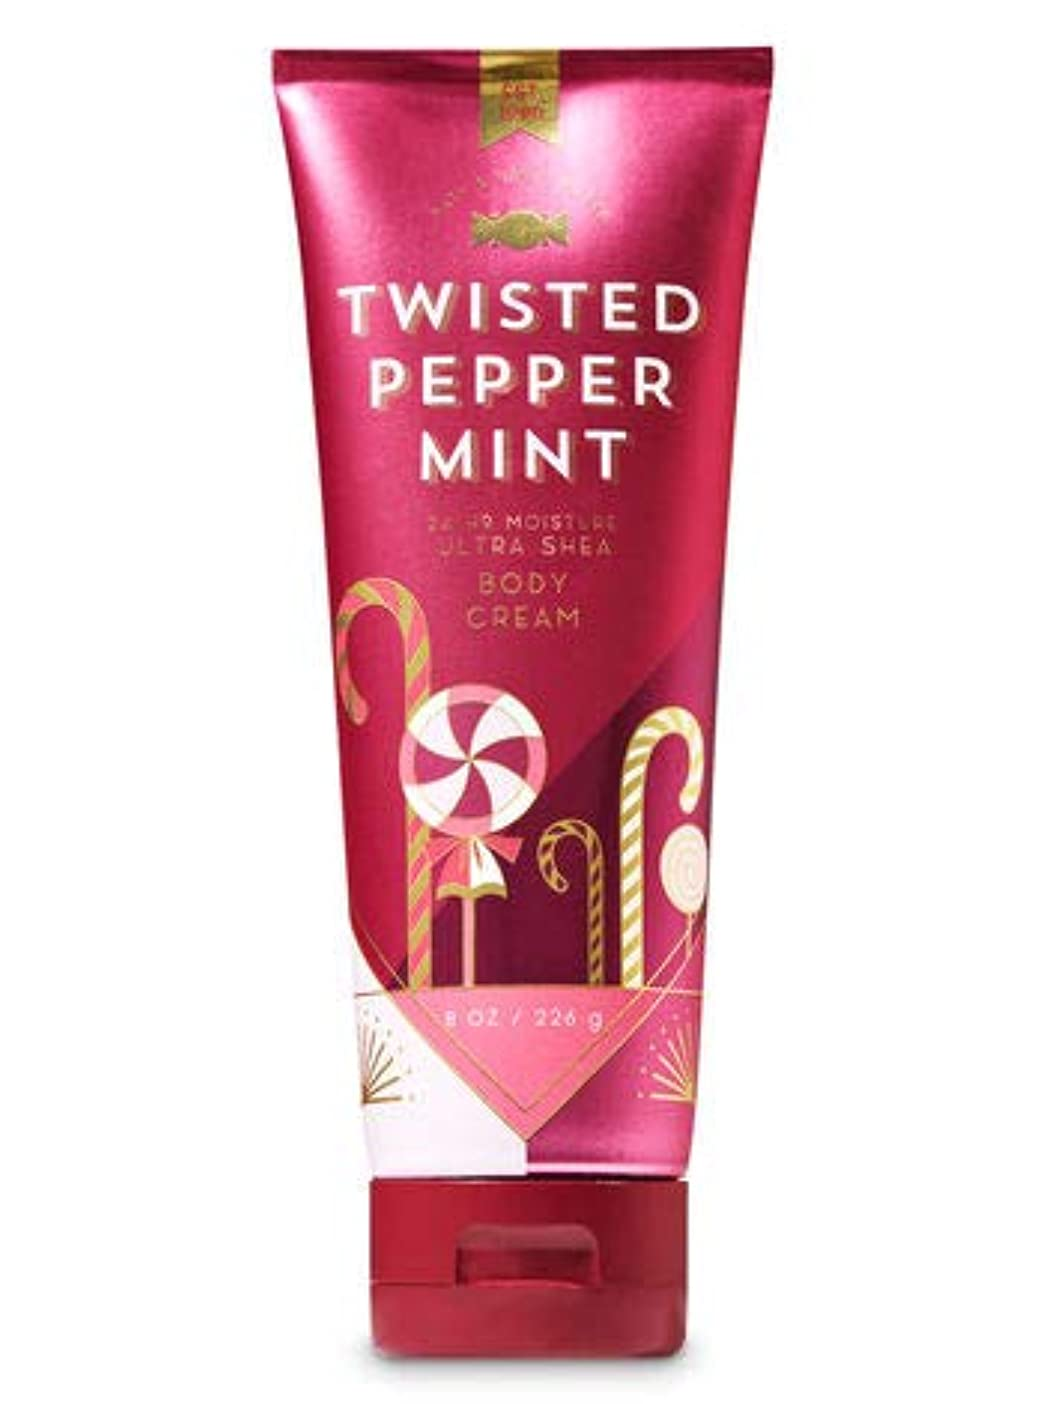 利用可能ビール直径【Bath&Body Works/バス&ボディワークス】 ボディクリーム ツイステッドペパーミント Ultra Shea Body Cream Twisted Peppermint 8 oz / 226 g [並行輸入品]